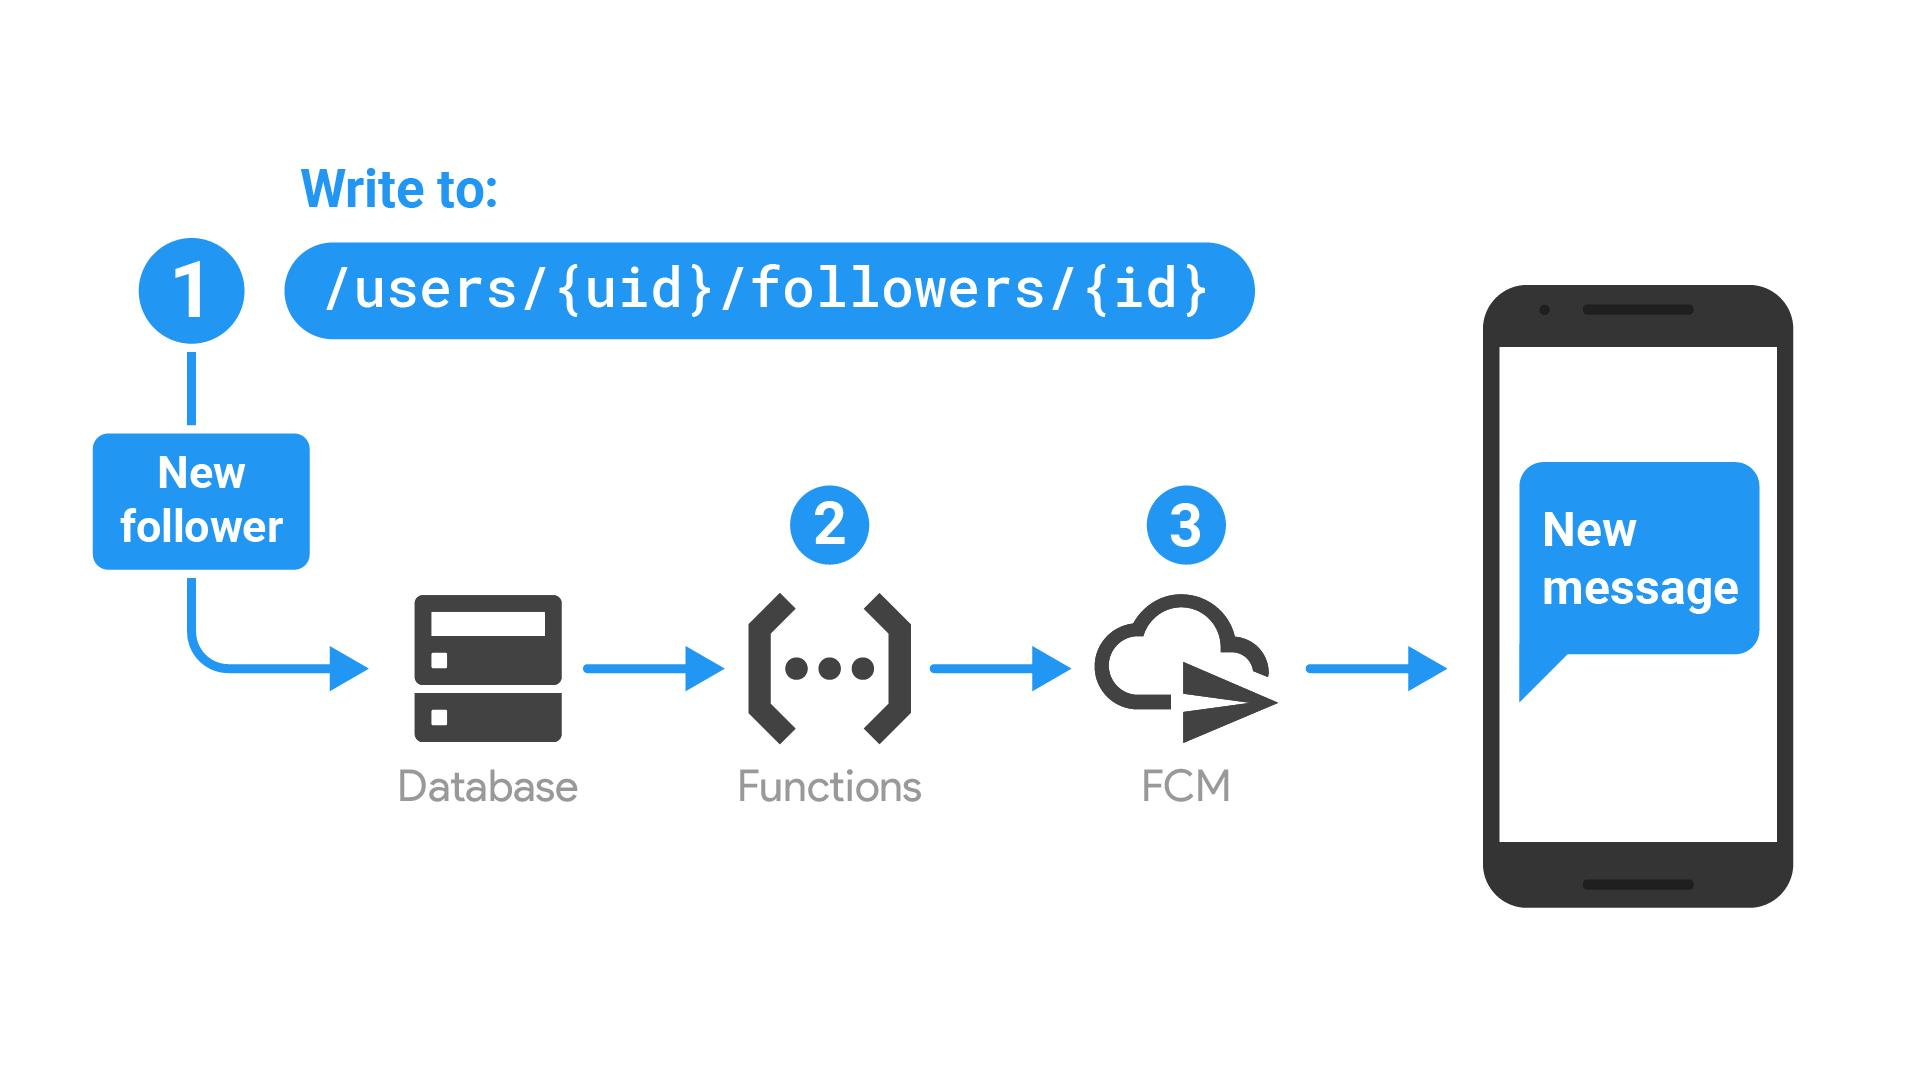 아래에 설명된 앱 흐름을 보여주는 다이어그램